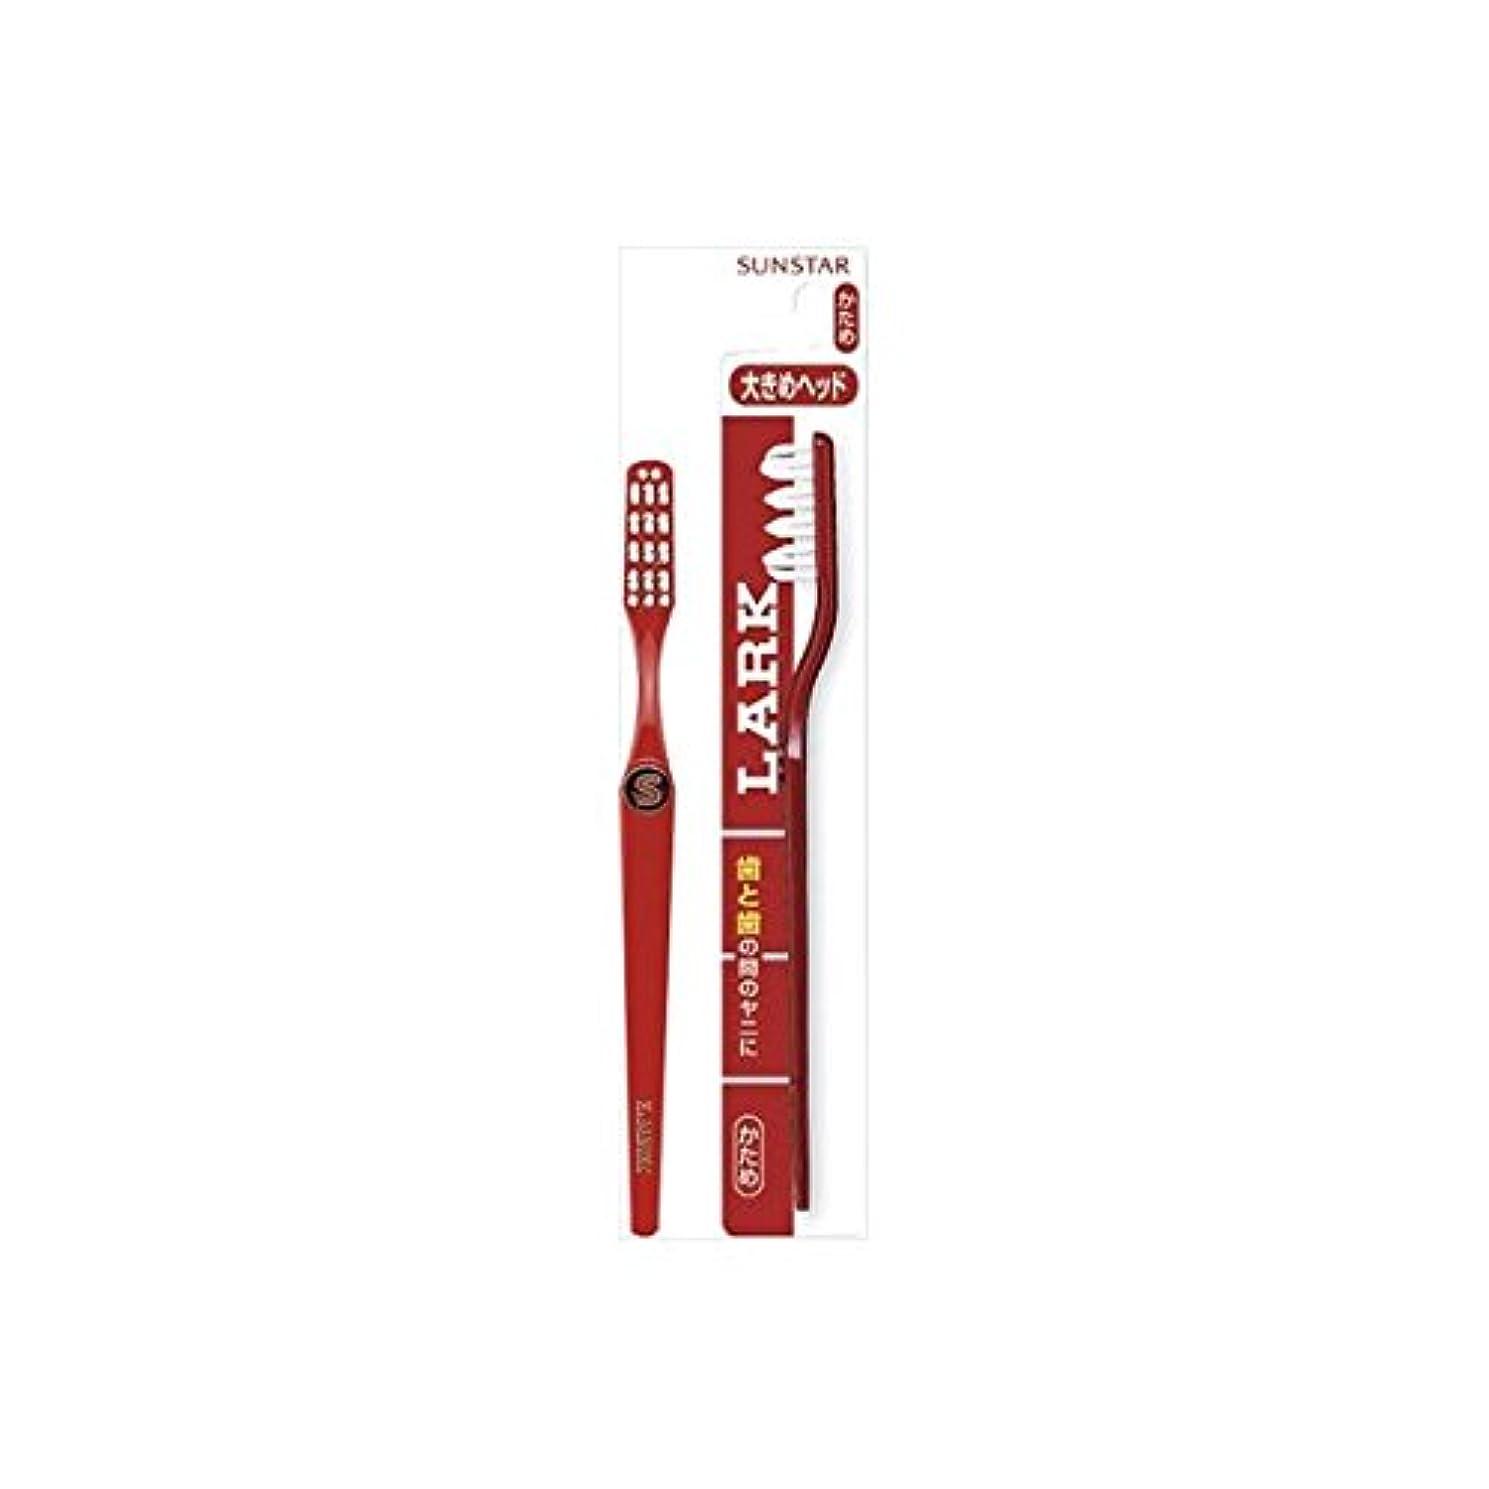 アライアンスアスリートホイッスルサンスター ラーク 歯ブラシ レギュラーヘッド × 6 点セット